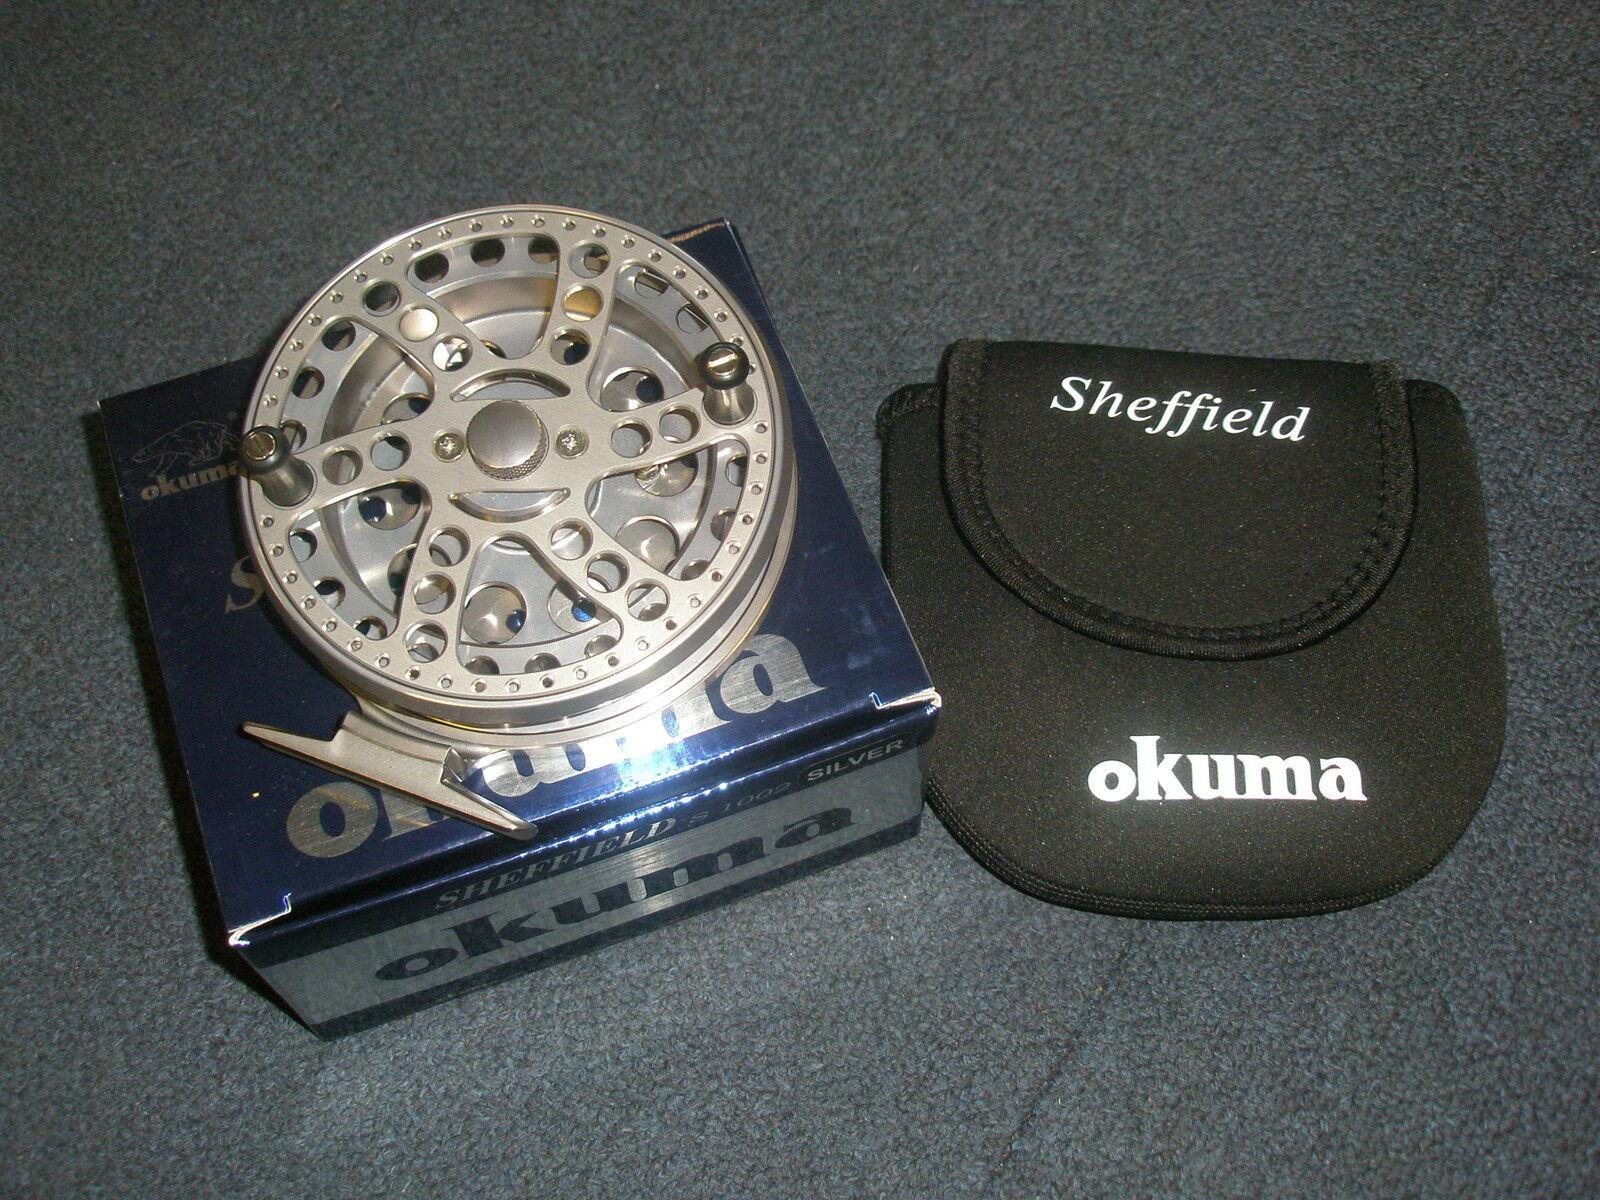 OKUMA OKUMA OKUMA SHEFFIELD Centrepin Reel Fishing Tackle e9ab83